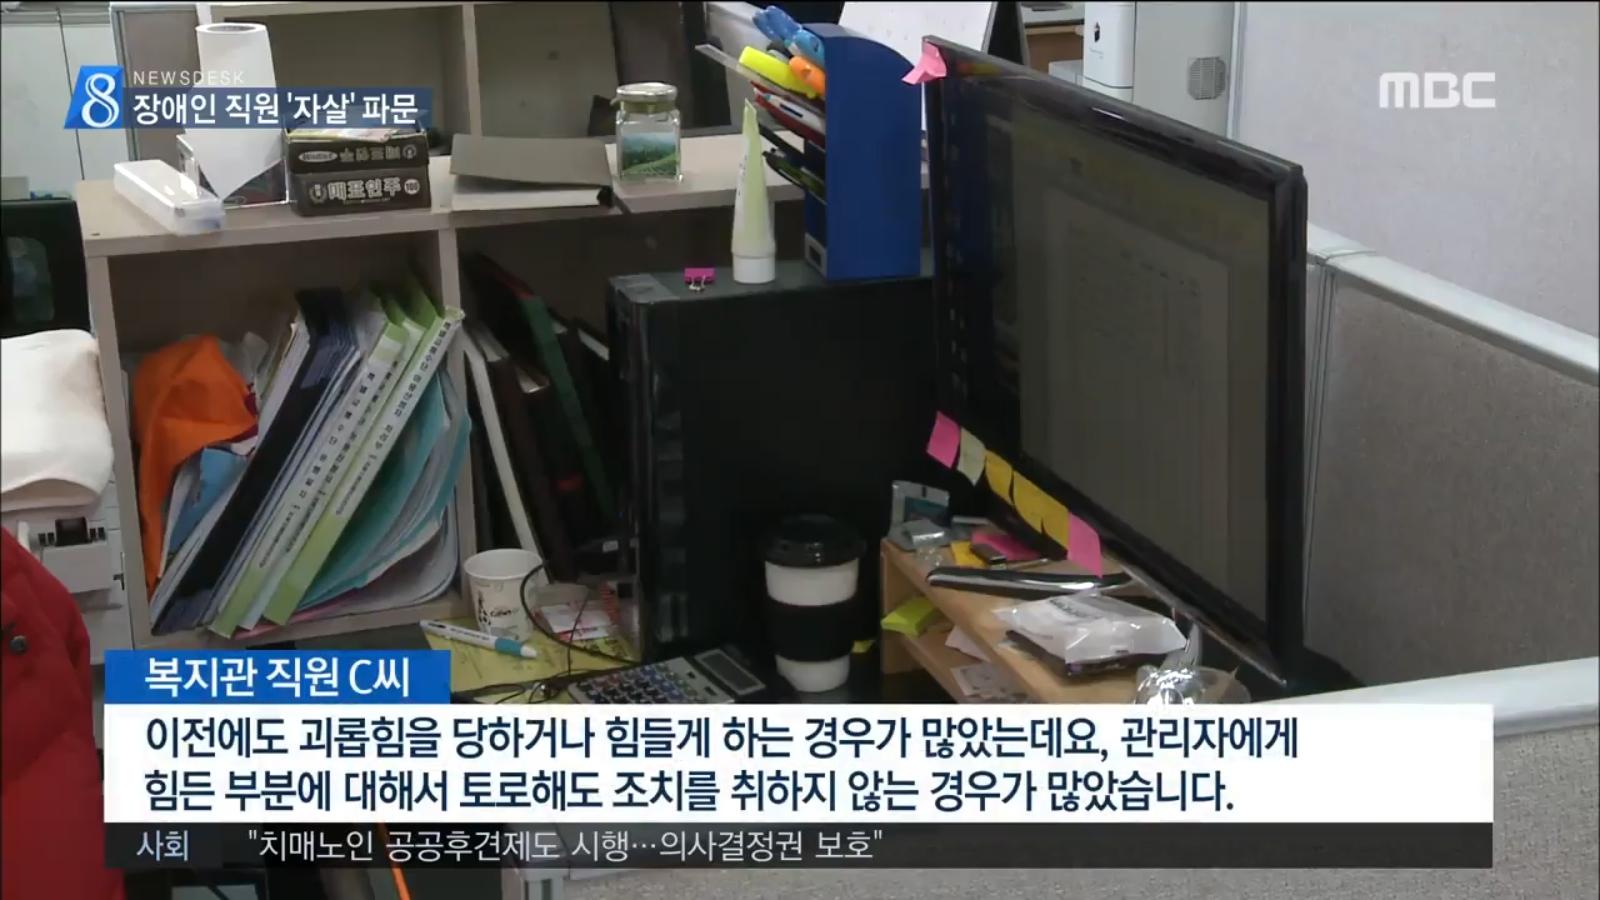 [18.4.13 전주MBC] 전주장애인종합복지관 장애인 직원 자살, 장애인 따돌림 원인 됐나6.jpg